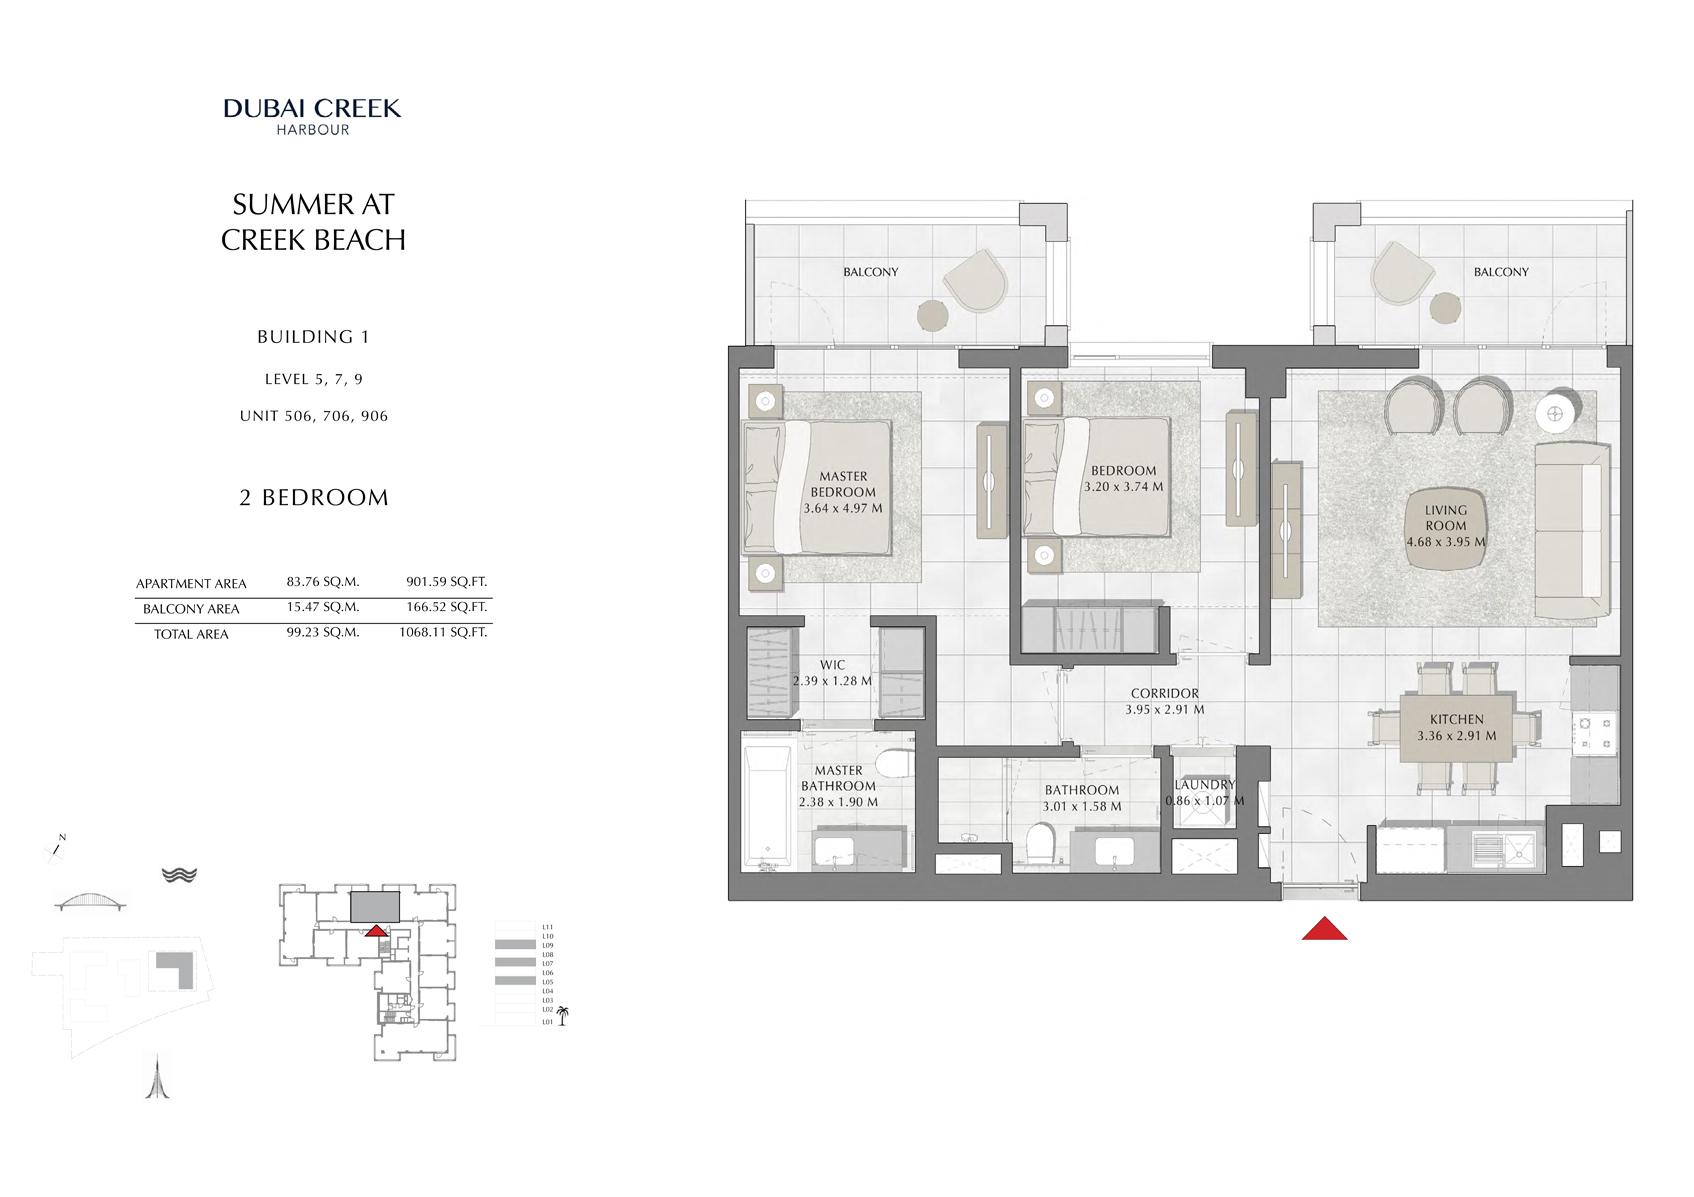 2 Br Building 1 Level-5-7-9 Unit 506-706-906, Size 1068 Sq Ft